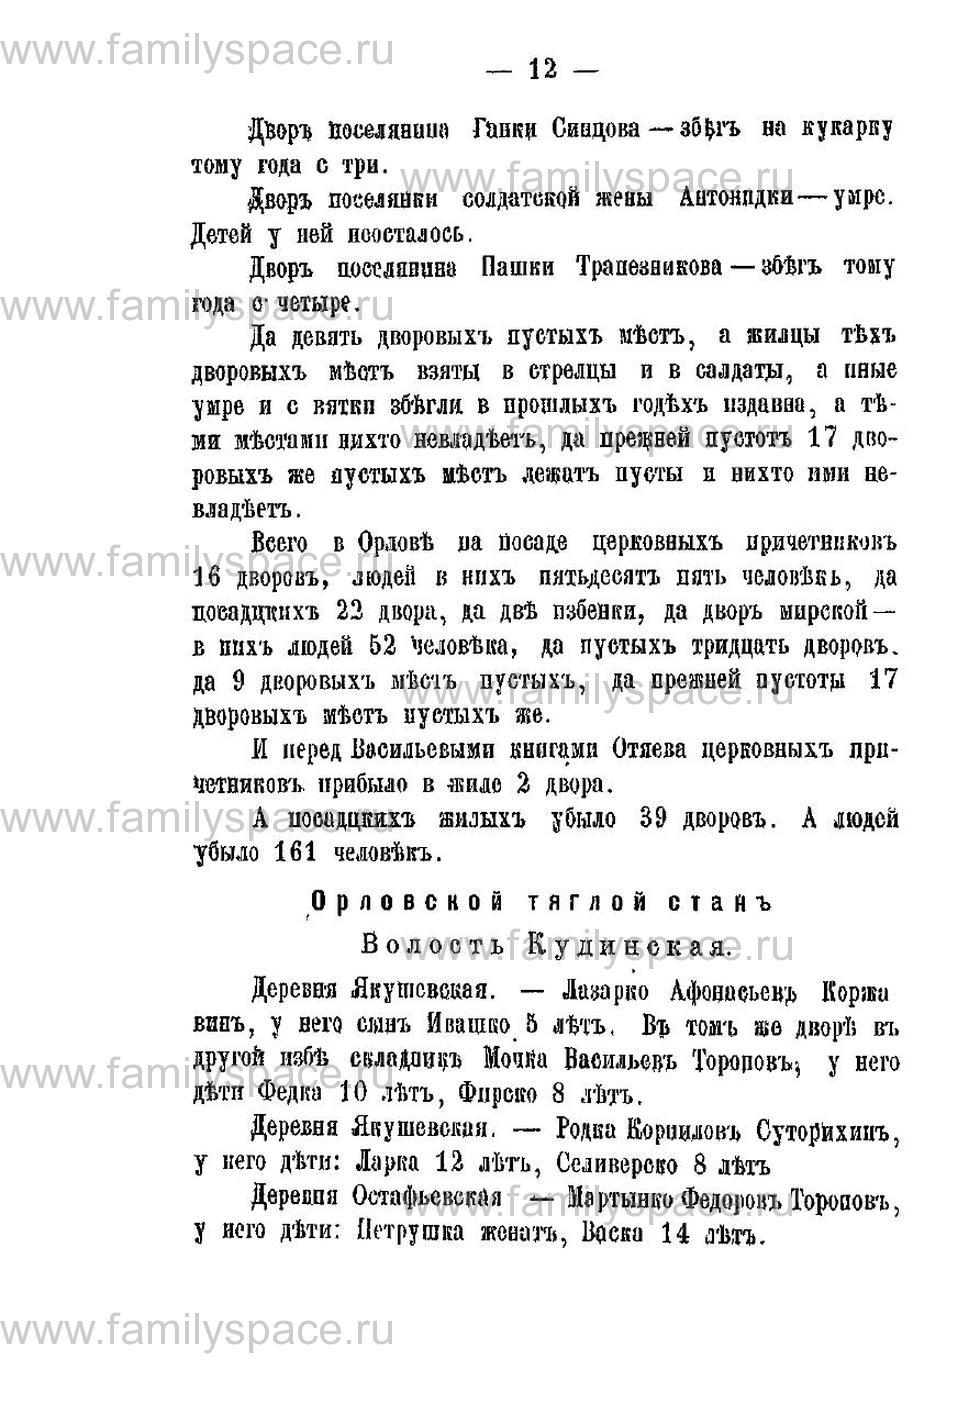 Поиск по фамилии - Переписная книга Орлова и волостей 1678 г, страница 8